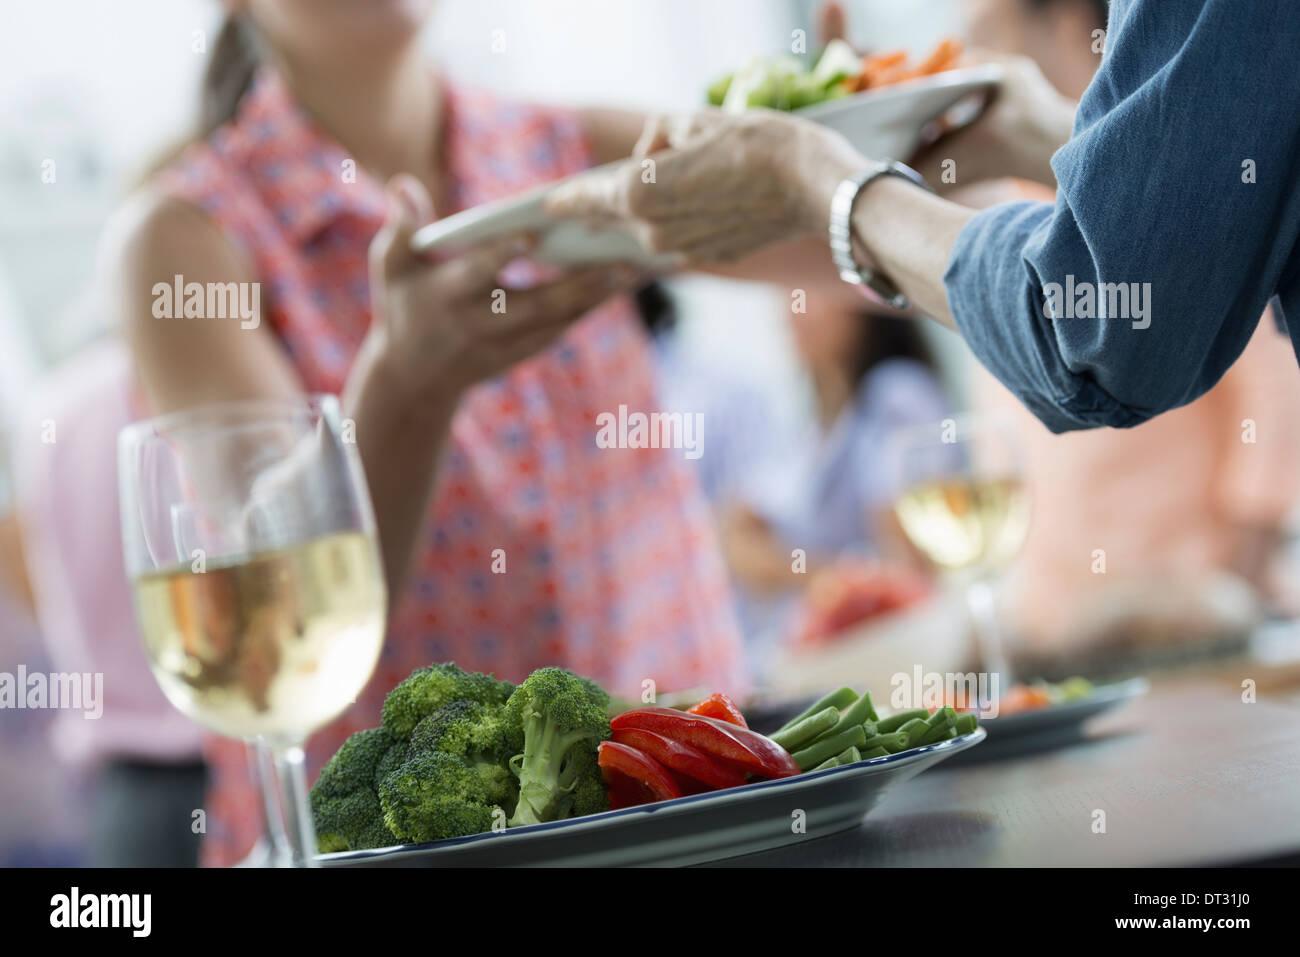 Un picnic fiesta de familia, adultos y niños Imagen De Stock